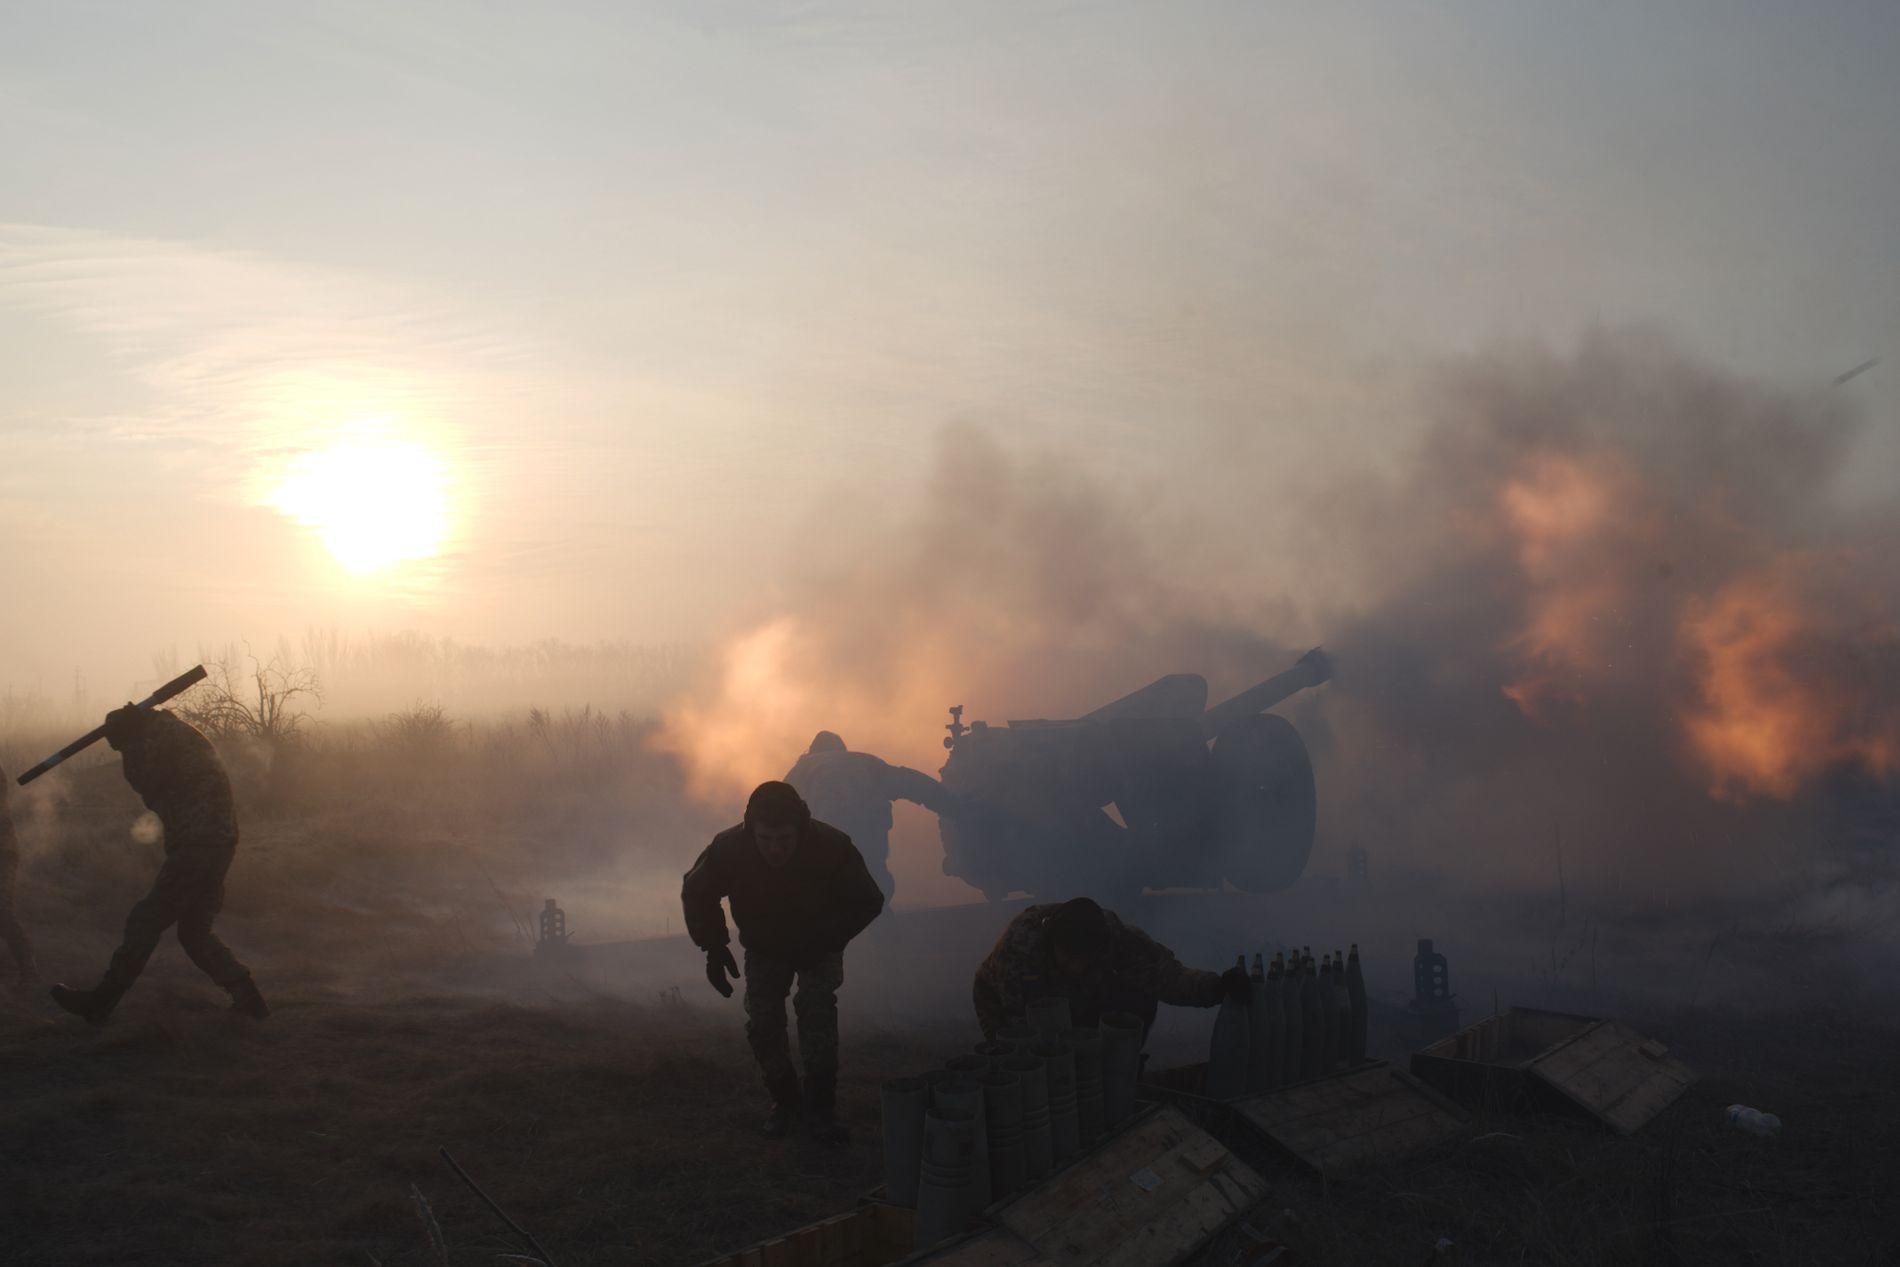 KAMPER: Ukrainske soldater avfyrer artilleri mot opprørsstillinger i den selverklærte «Folkerepublikken Donetsk».